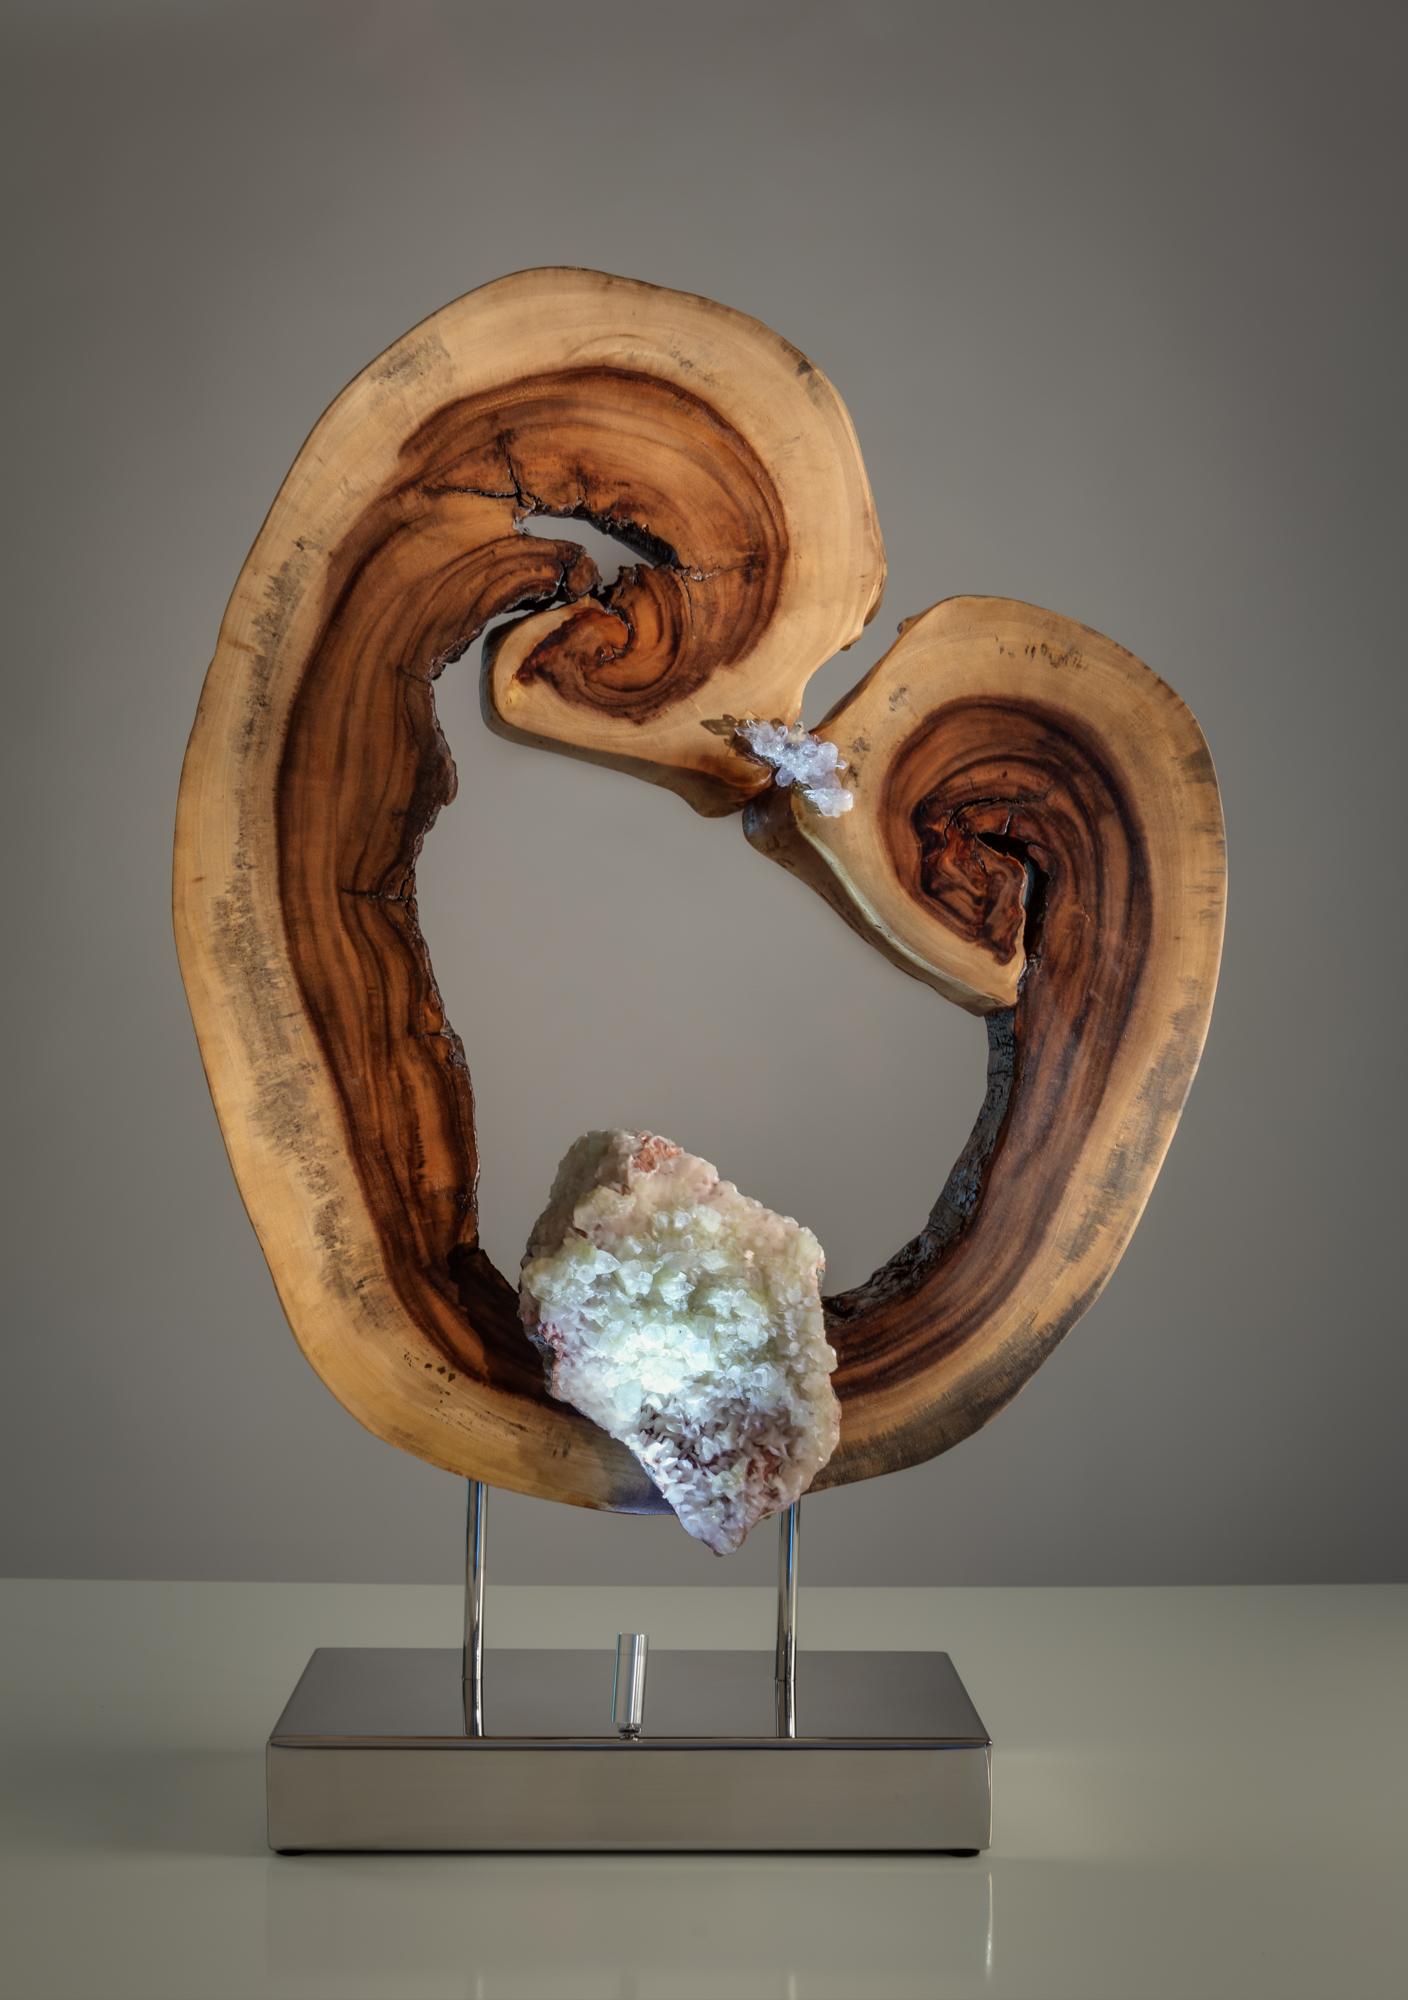 A Moment of Love by sculptor Dorit Schwartz